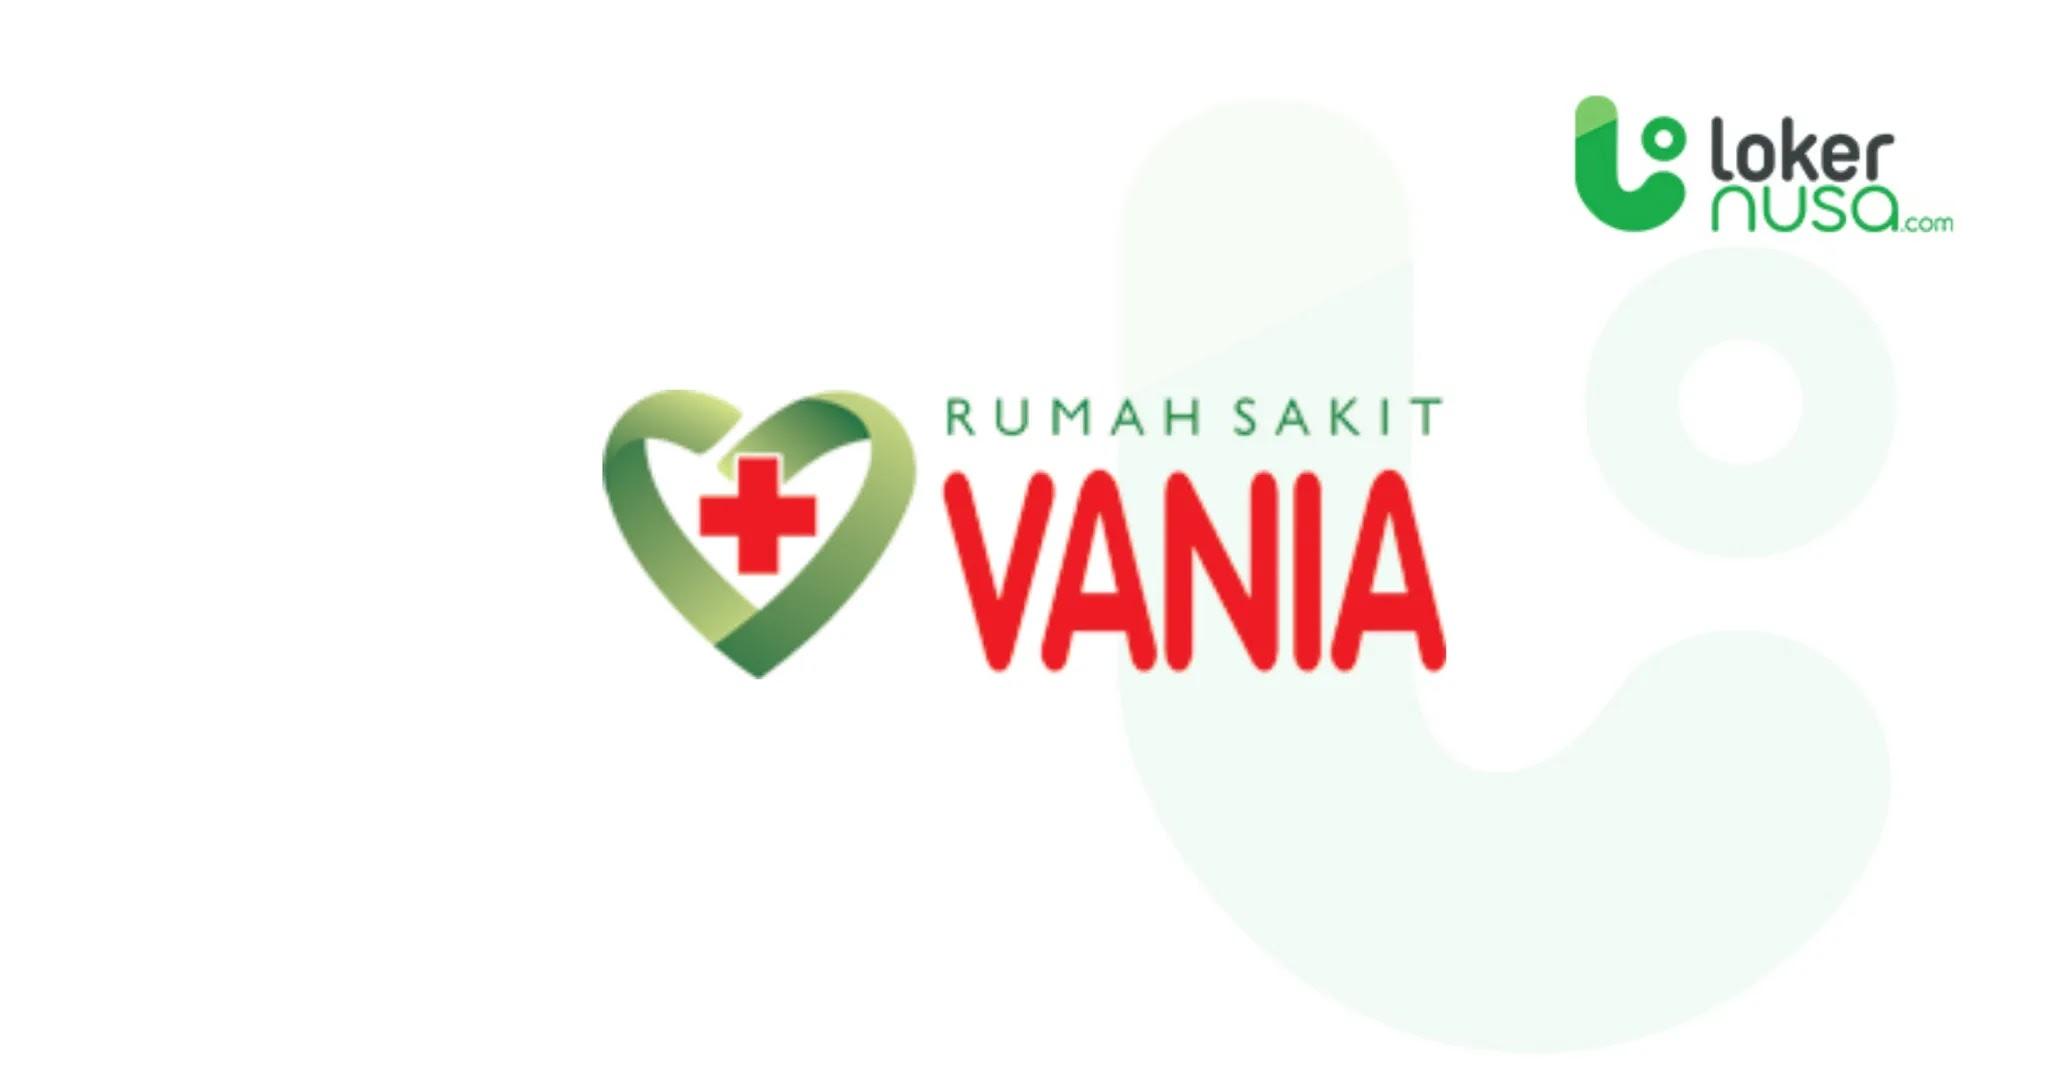 Lowongan kerja medis terbaru kali ini berasal dari Rumah Sakit (RS) Vania